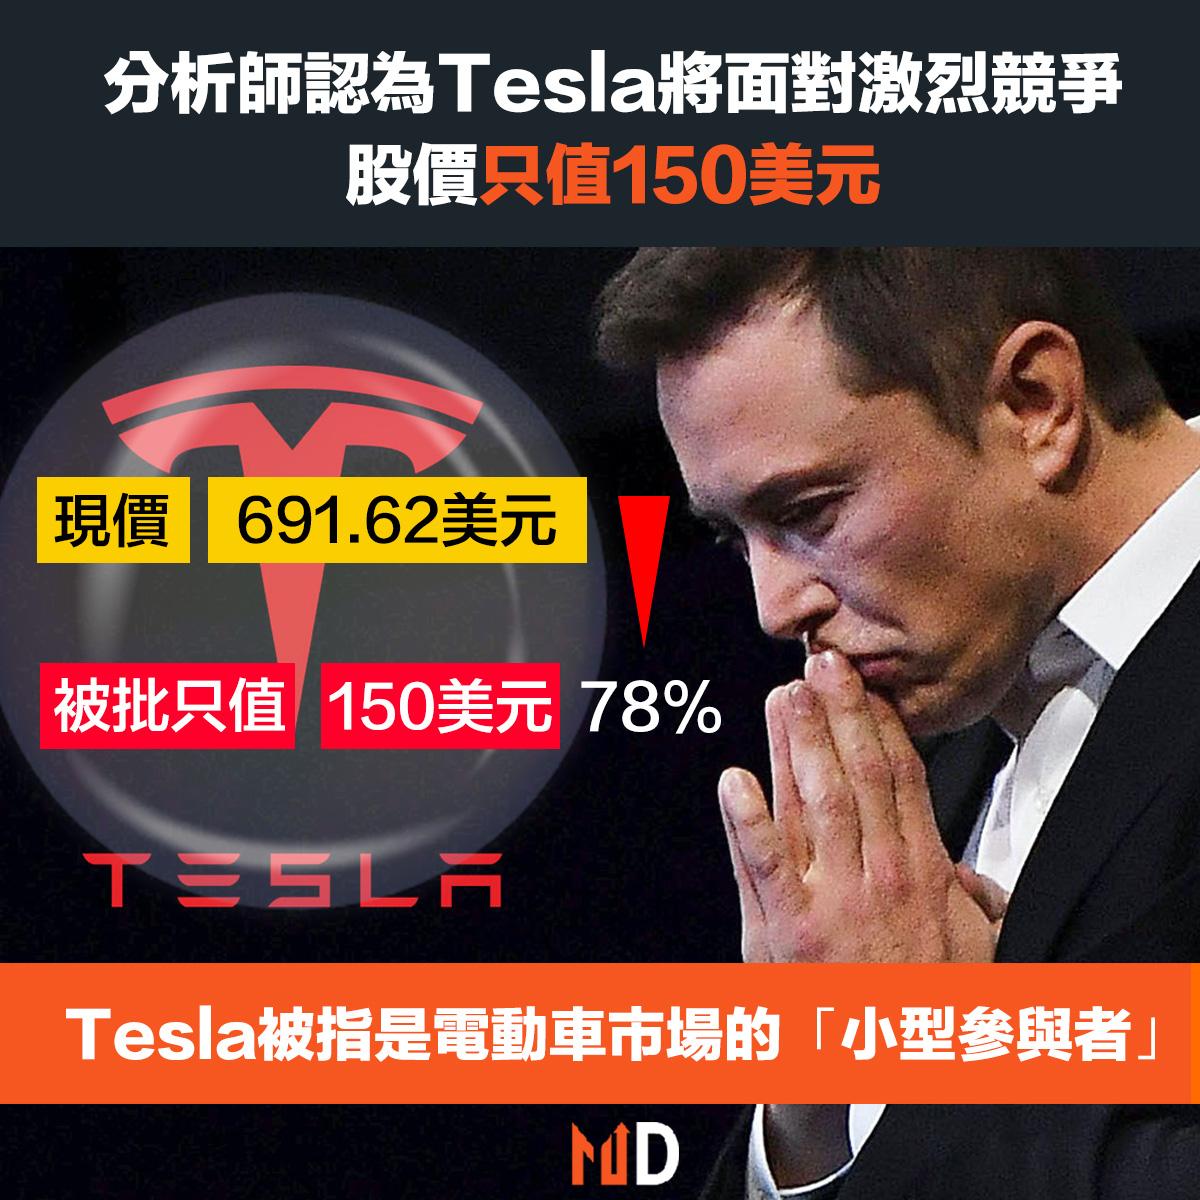 【市場熱話】分析師認為Tesla將面對激烈競爭,所以股價只值150美元